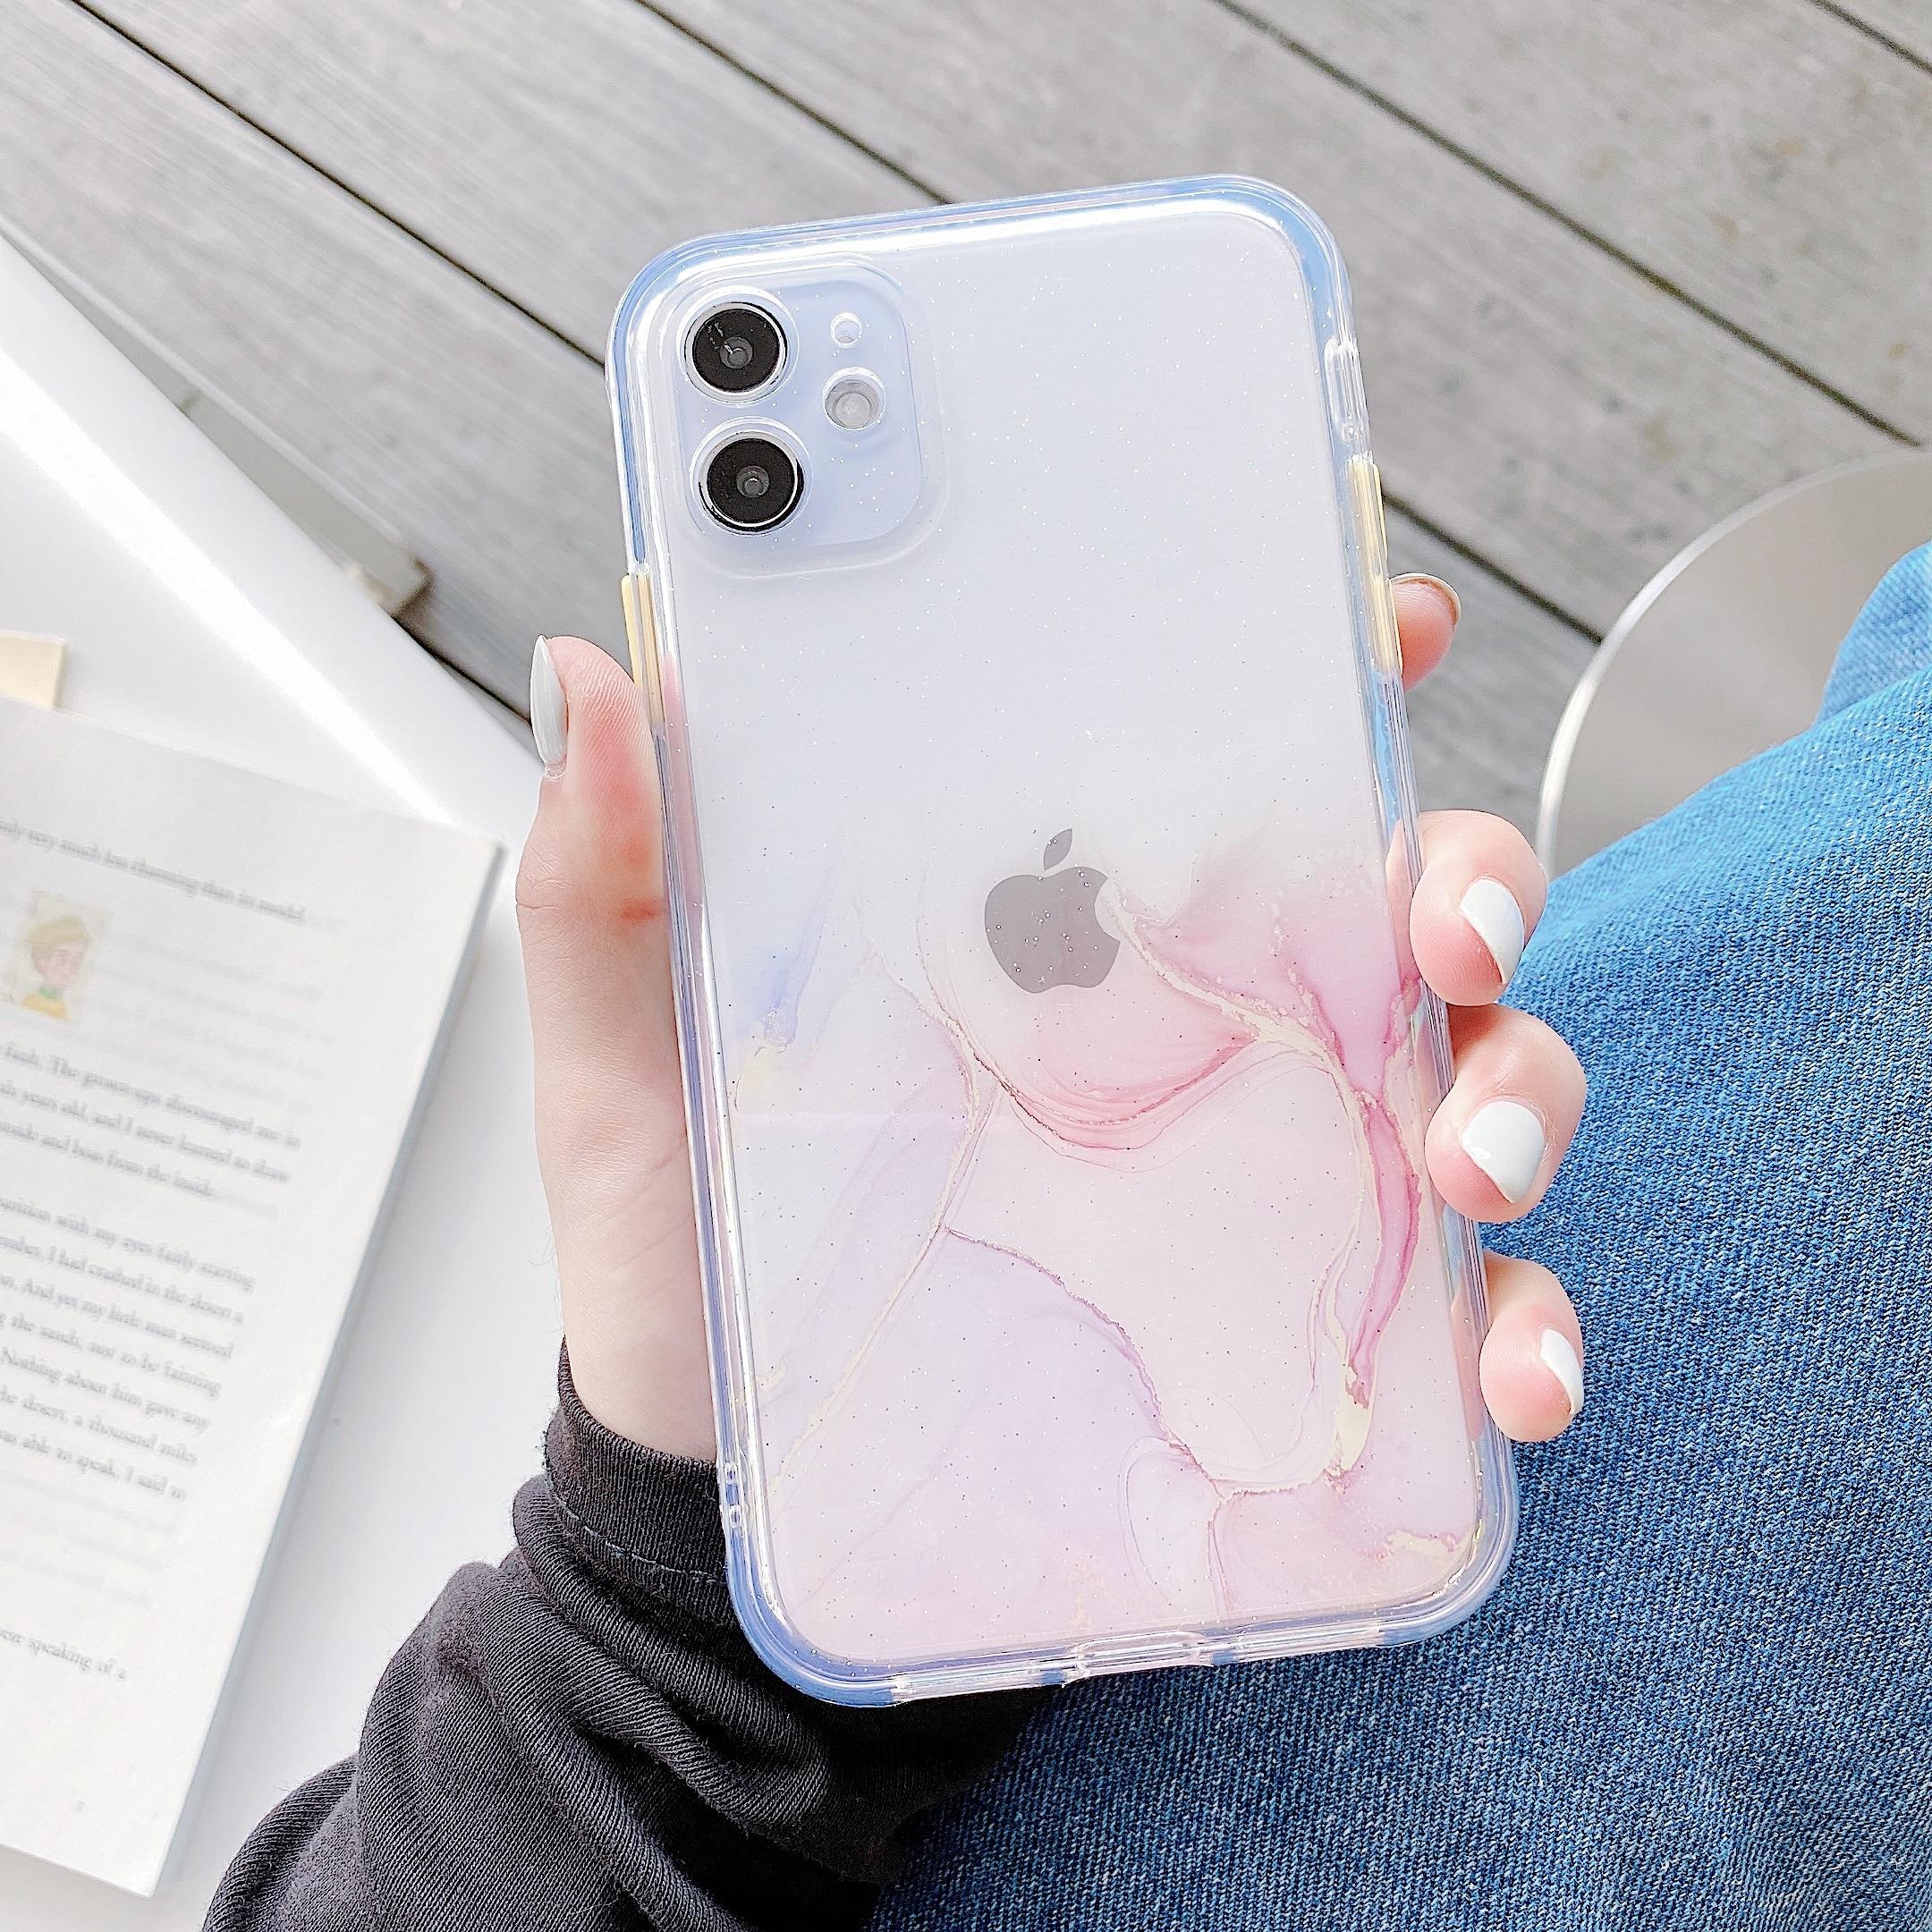 Coque transparente en marbre pour iphone, compatible modèles 6, 6s, 7, 8 Plus, SE 2020, 11 Pro Max, XR, X, XS Max, dégradé acrylique